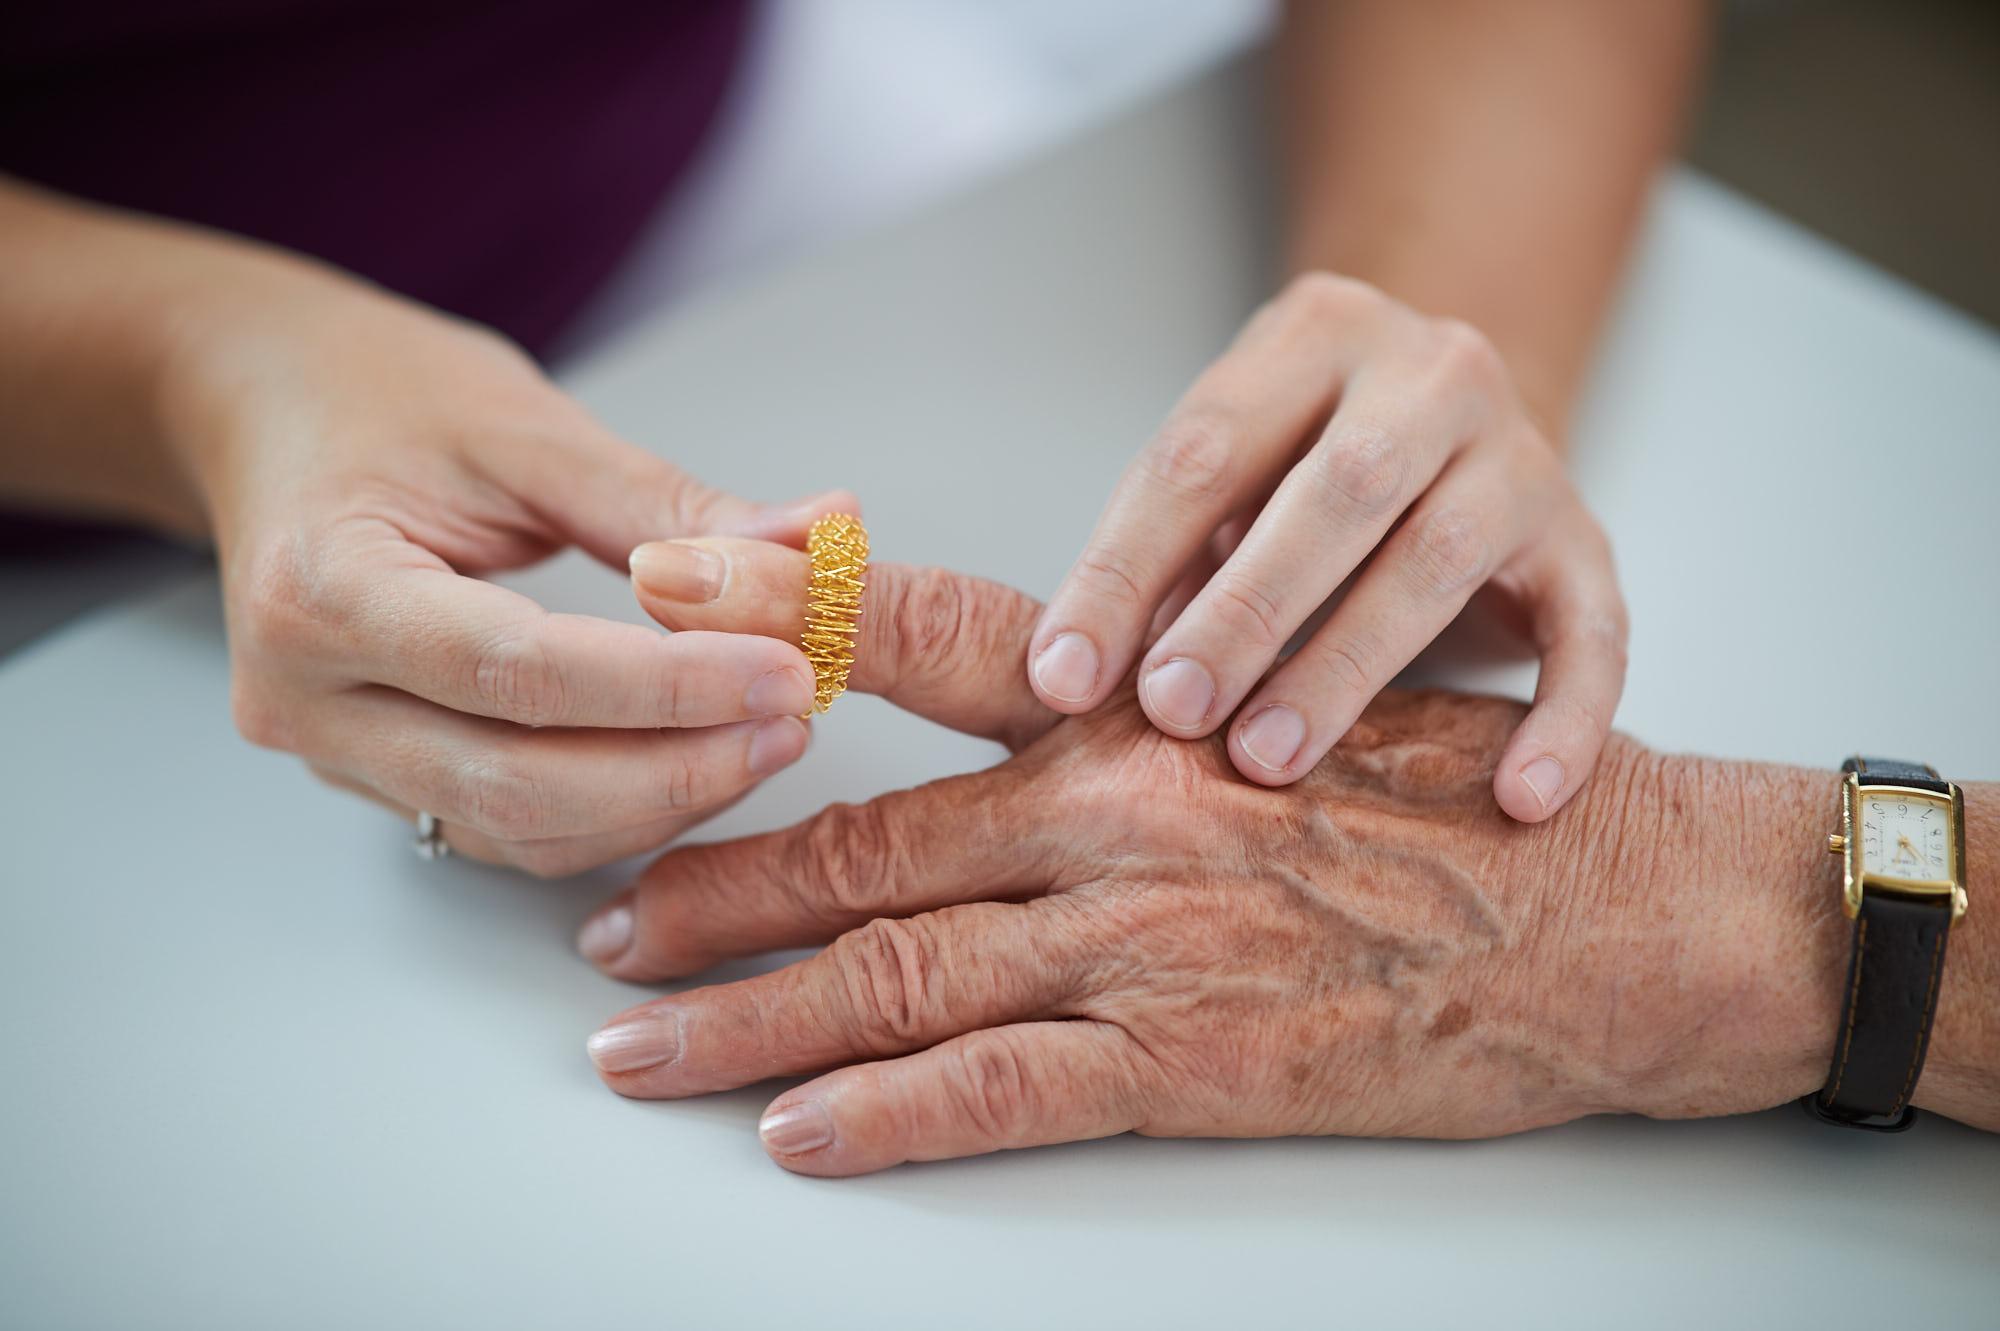 Ergopunkt 13070 - ErgoPunkt - Praxis für Ergotherapie